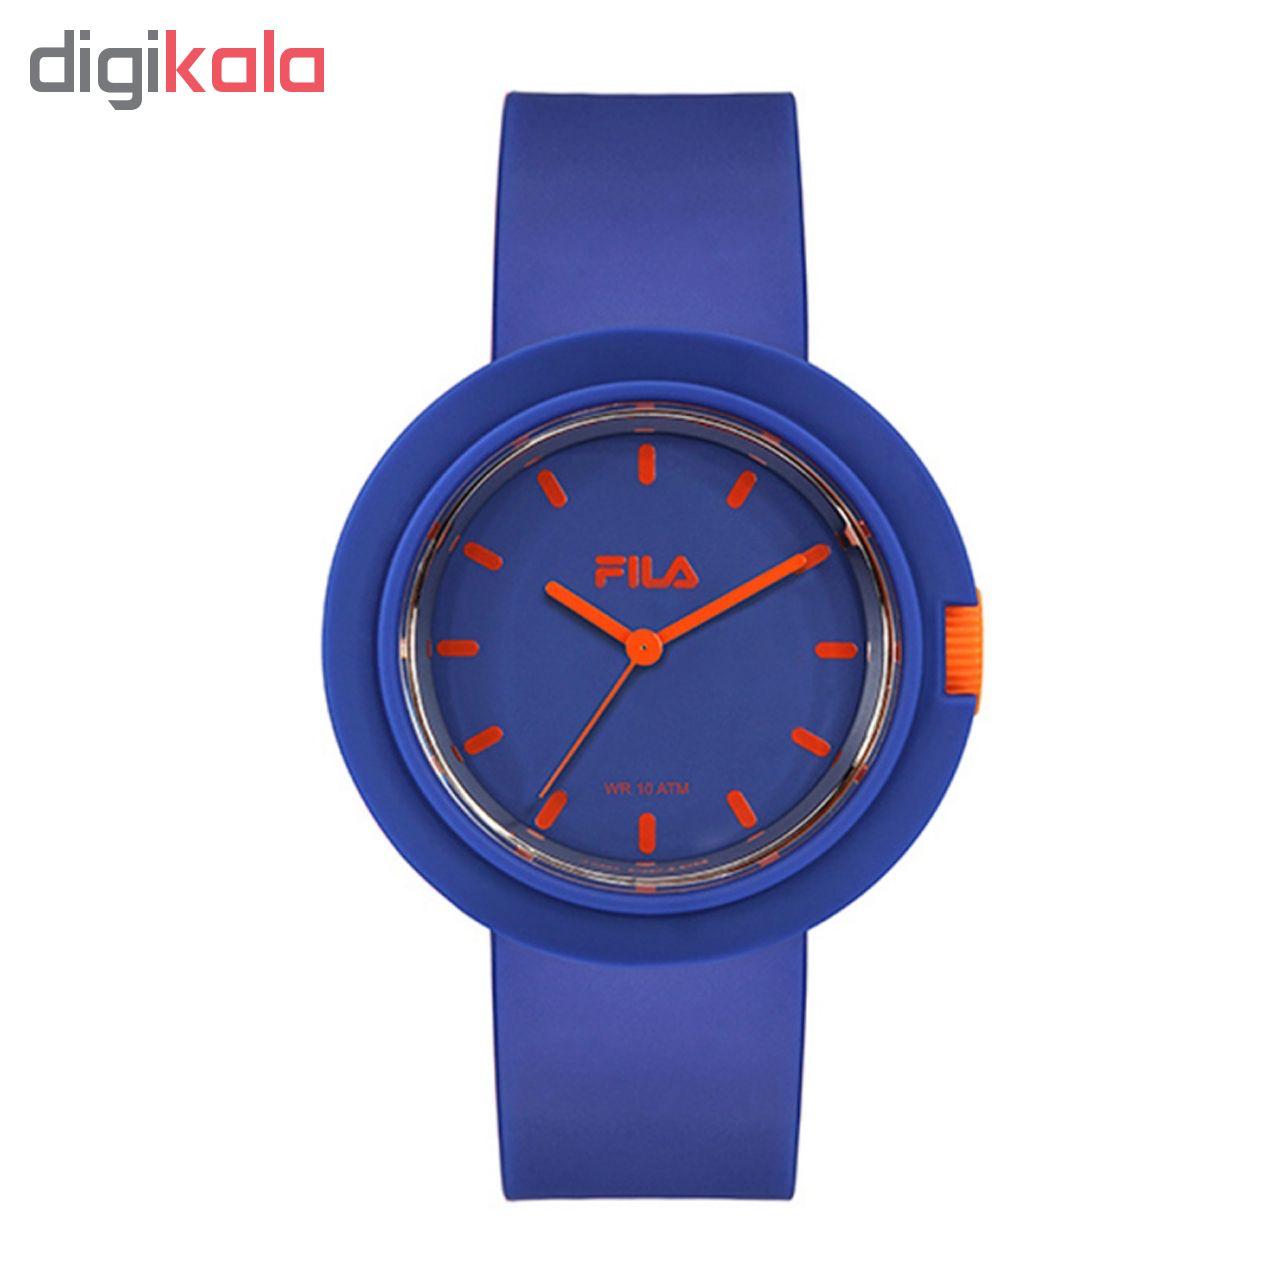 خرید ساعت مچی عقربه ای فیلا مدل 38-109-004